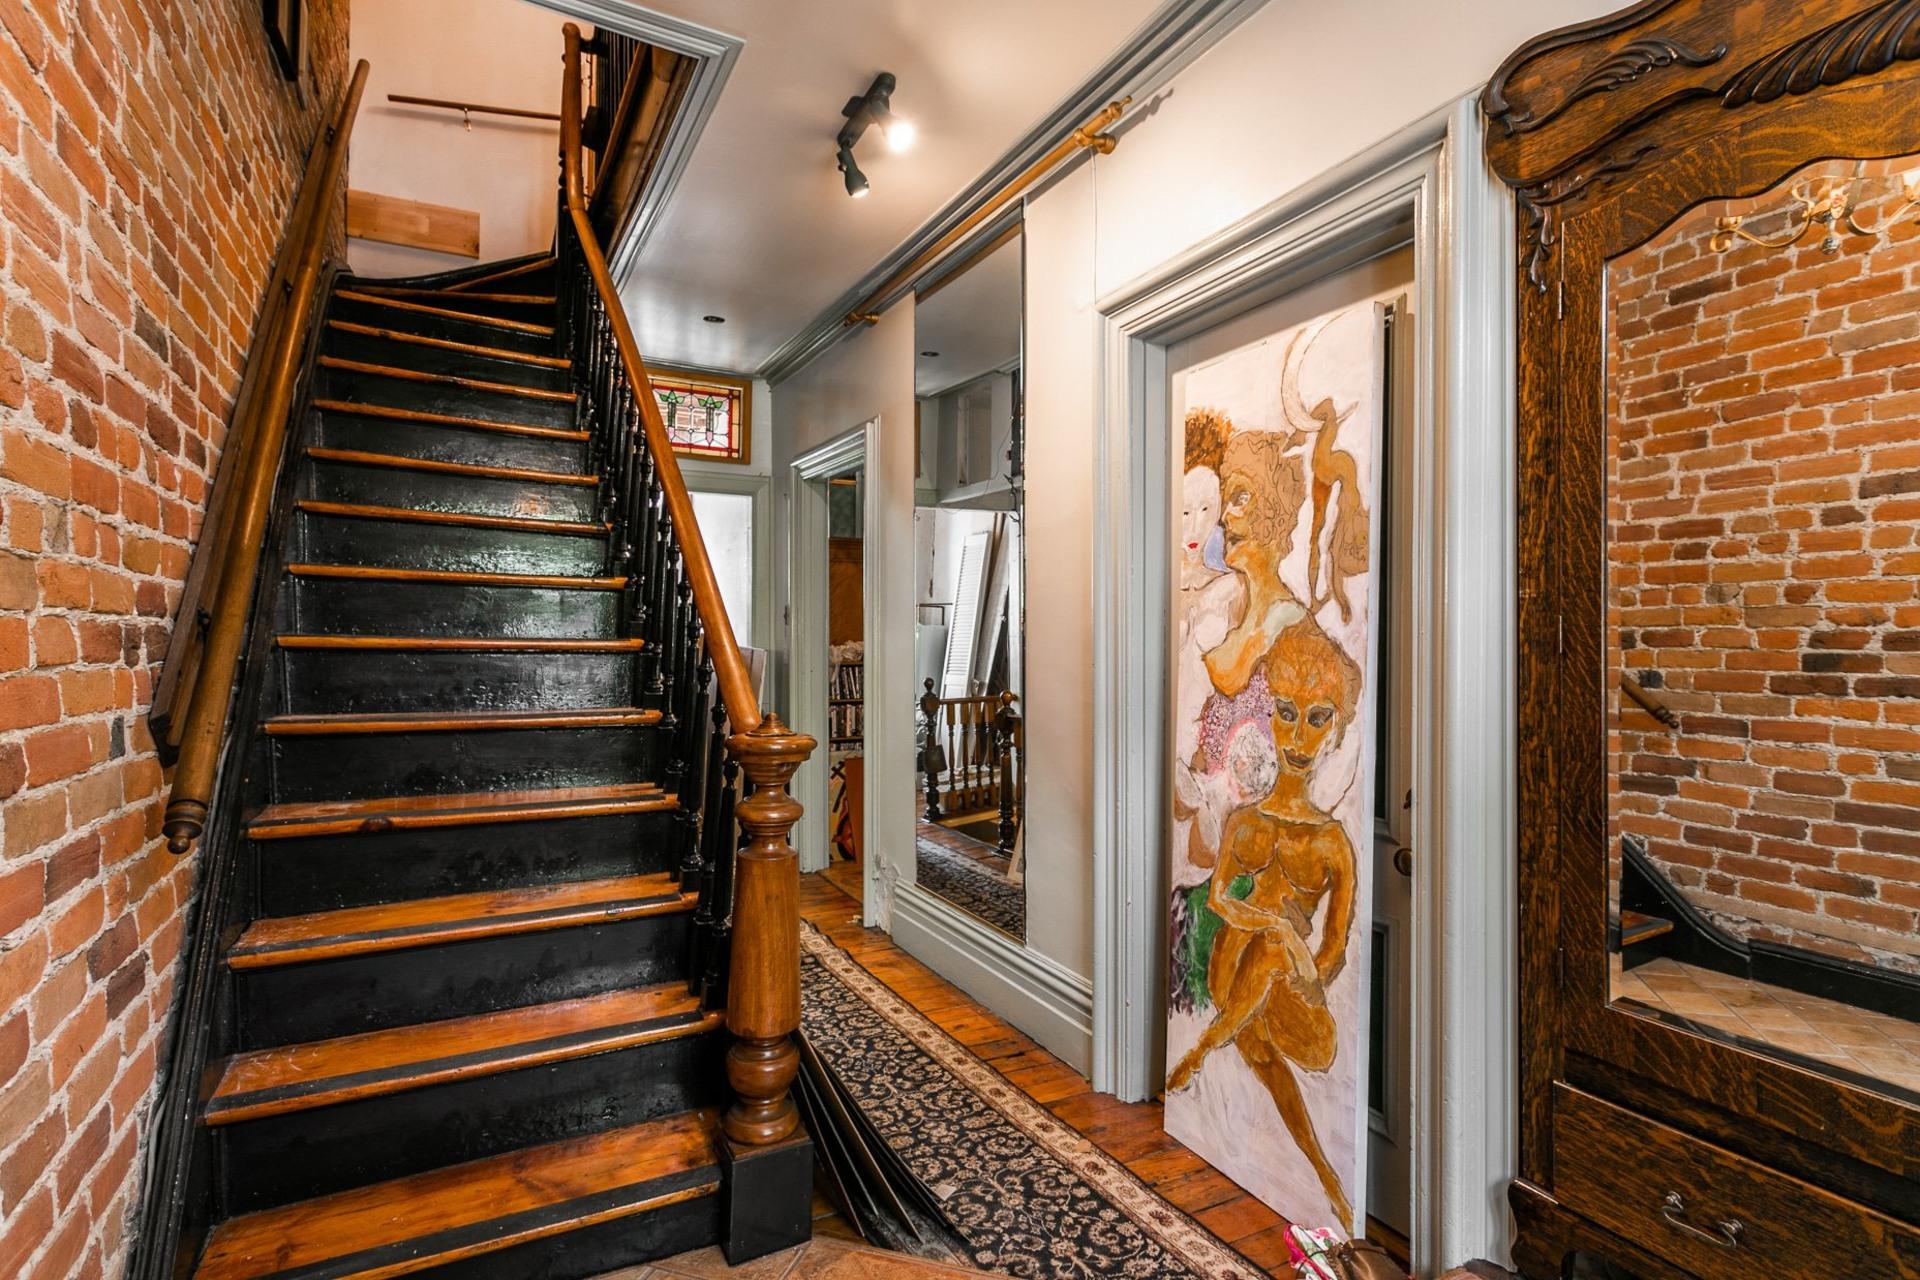 image 9 - Maison À vendre Le Plateau-Mont-Royal Montréal  - 7 pièces